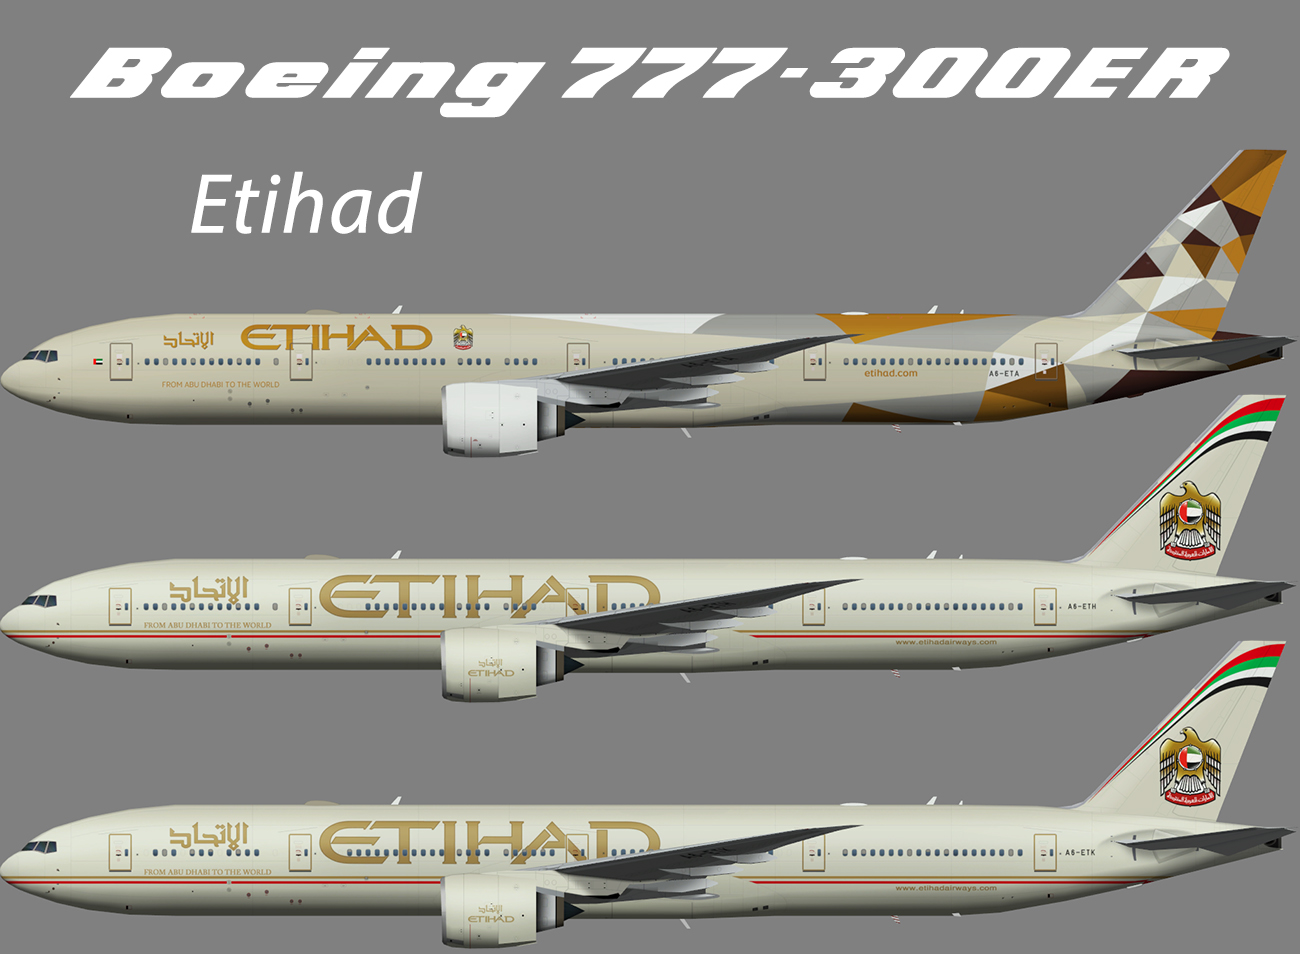 Etihad Boeing 777-300ER – Nils